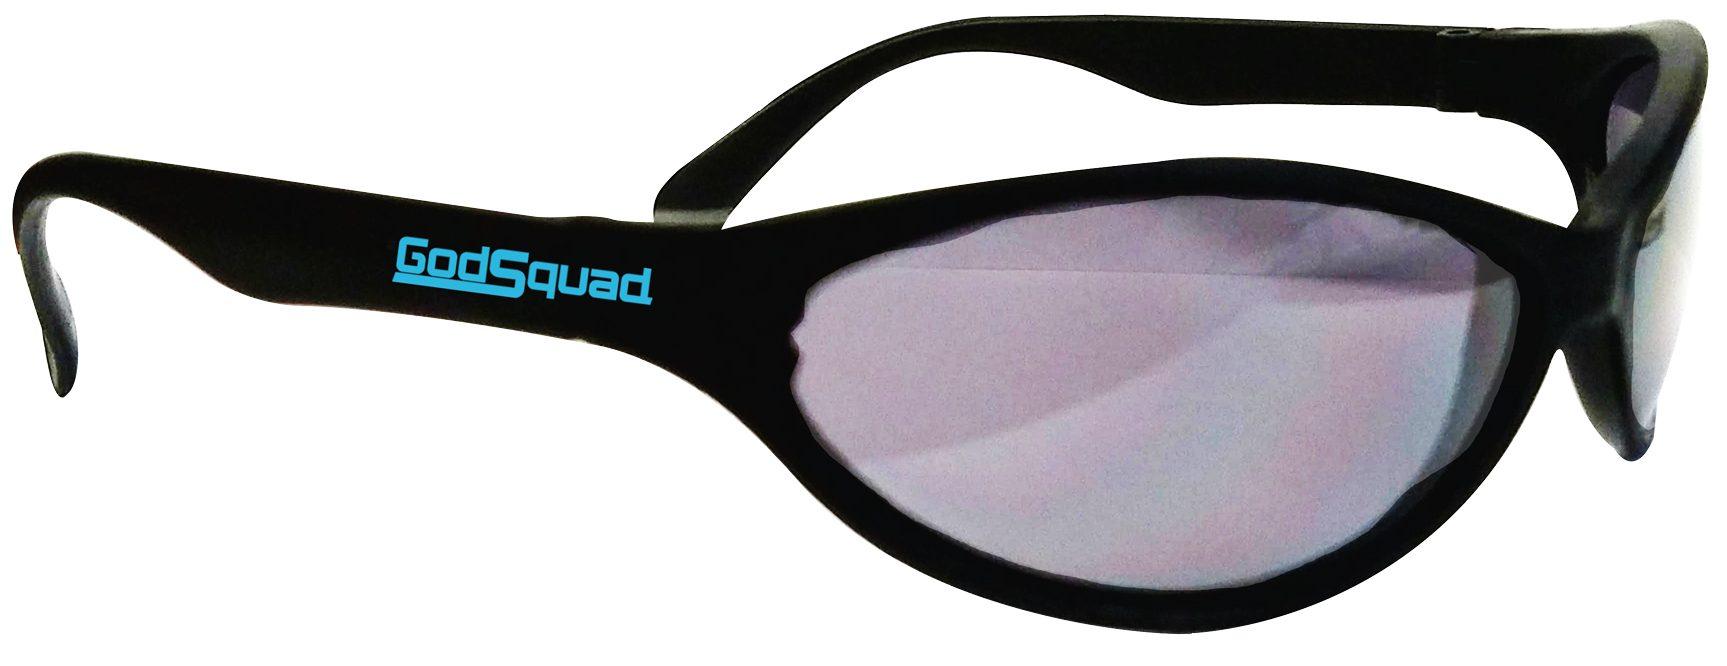 VBS GodSquad Sunglasses